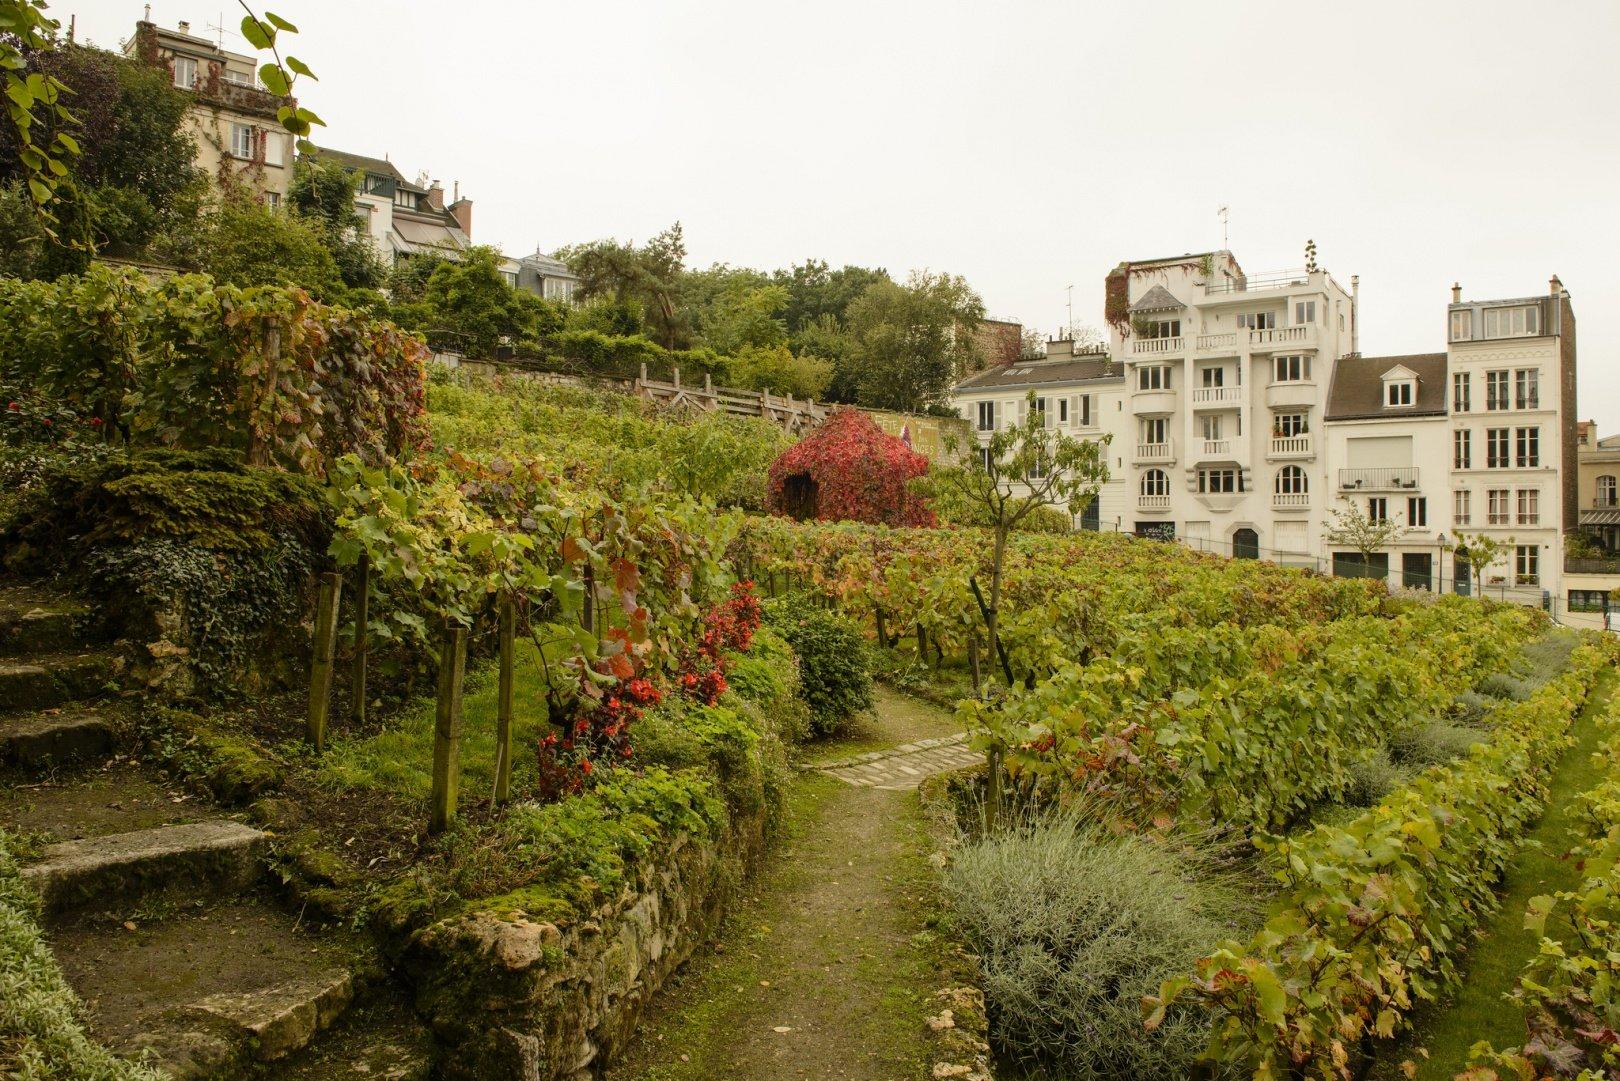 8189211422 47609ad070 k - Montmartre tips: mijn gids voor de meest romantische wijk van Parijs